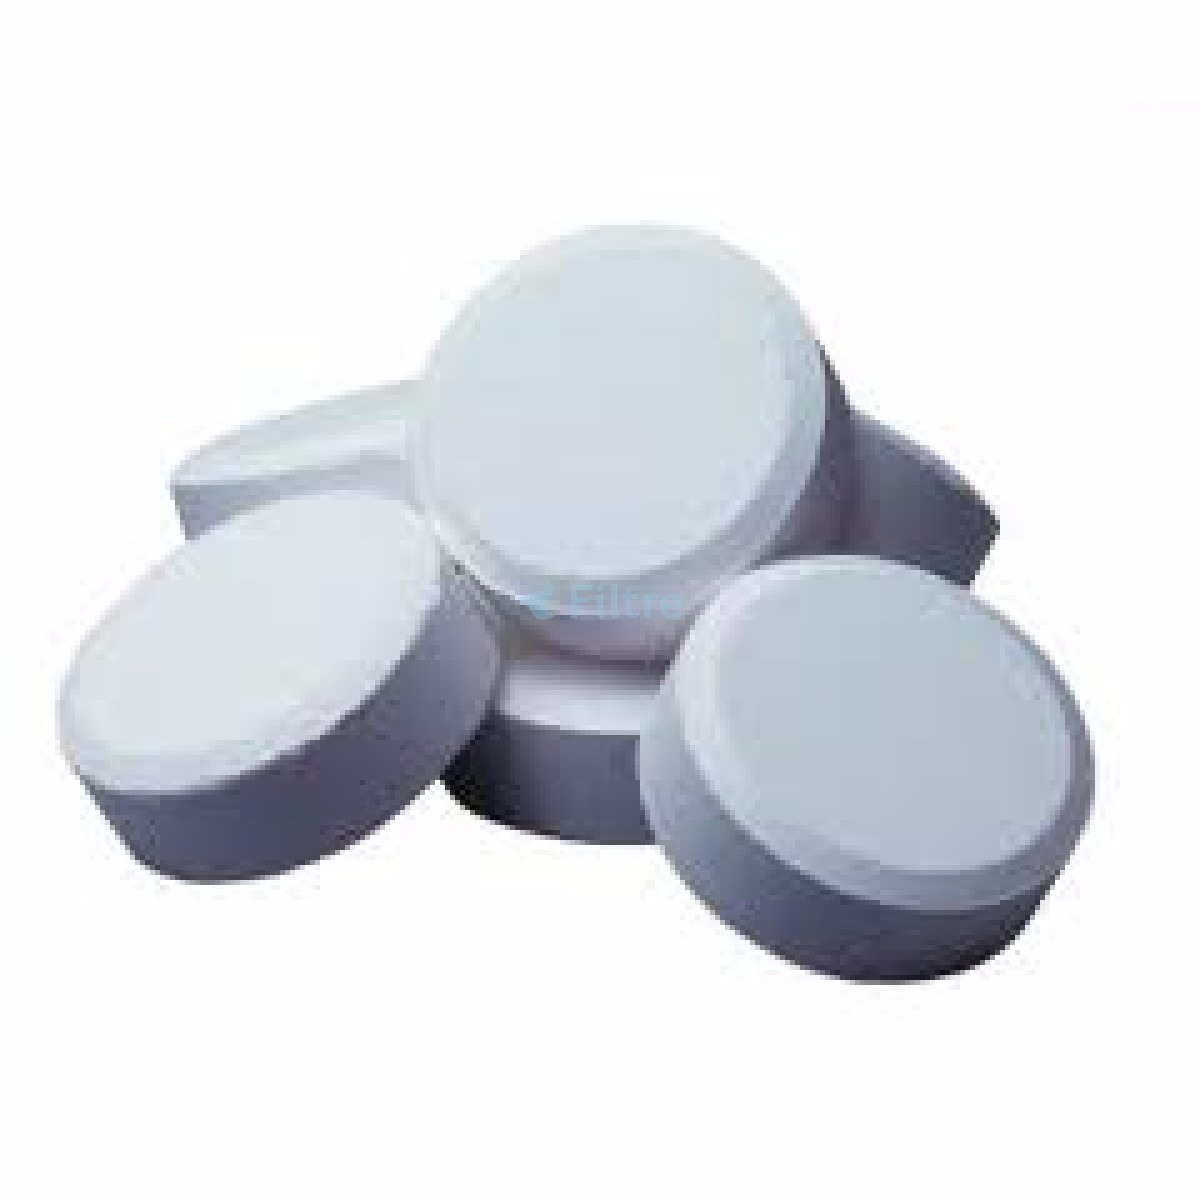 20 pastilha de cloro multicor 3x1 para piscina a granel for Piscina 6 x 3